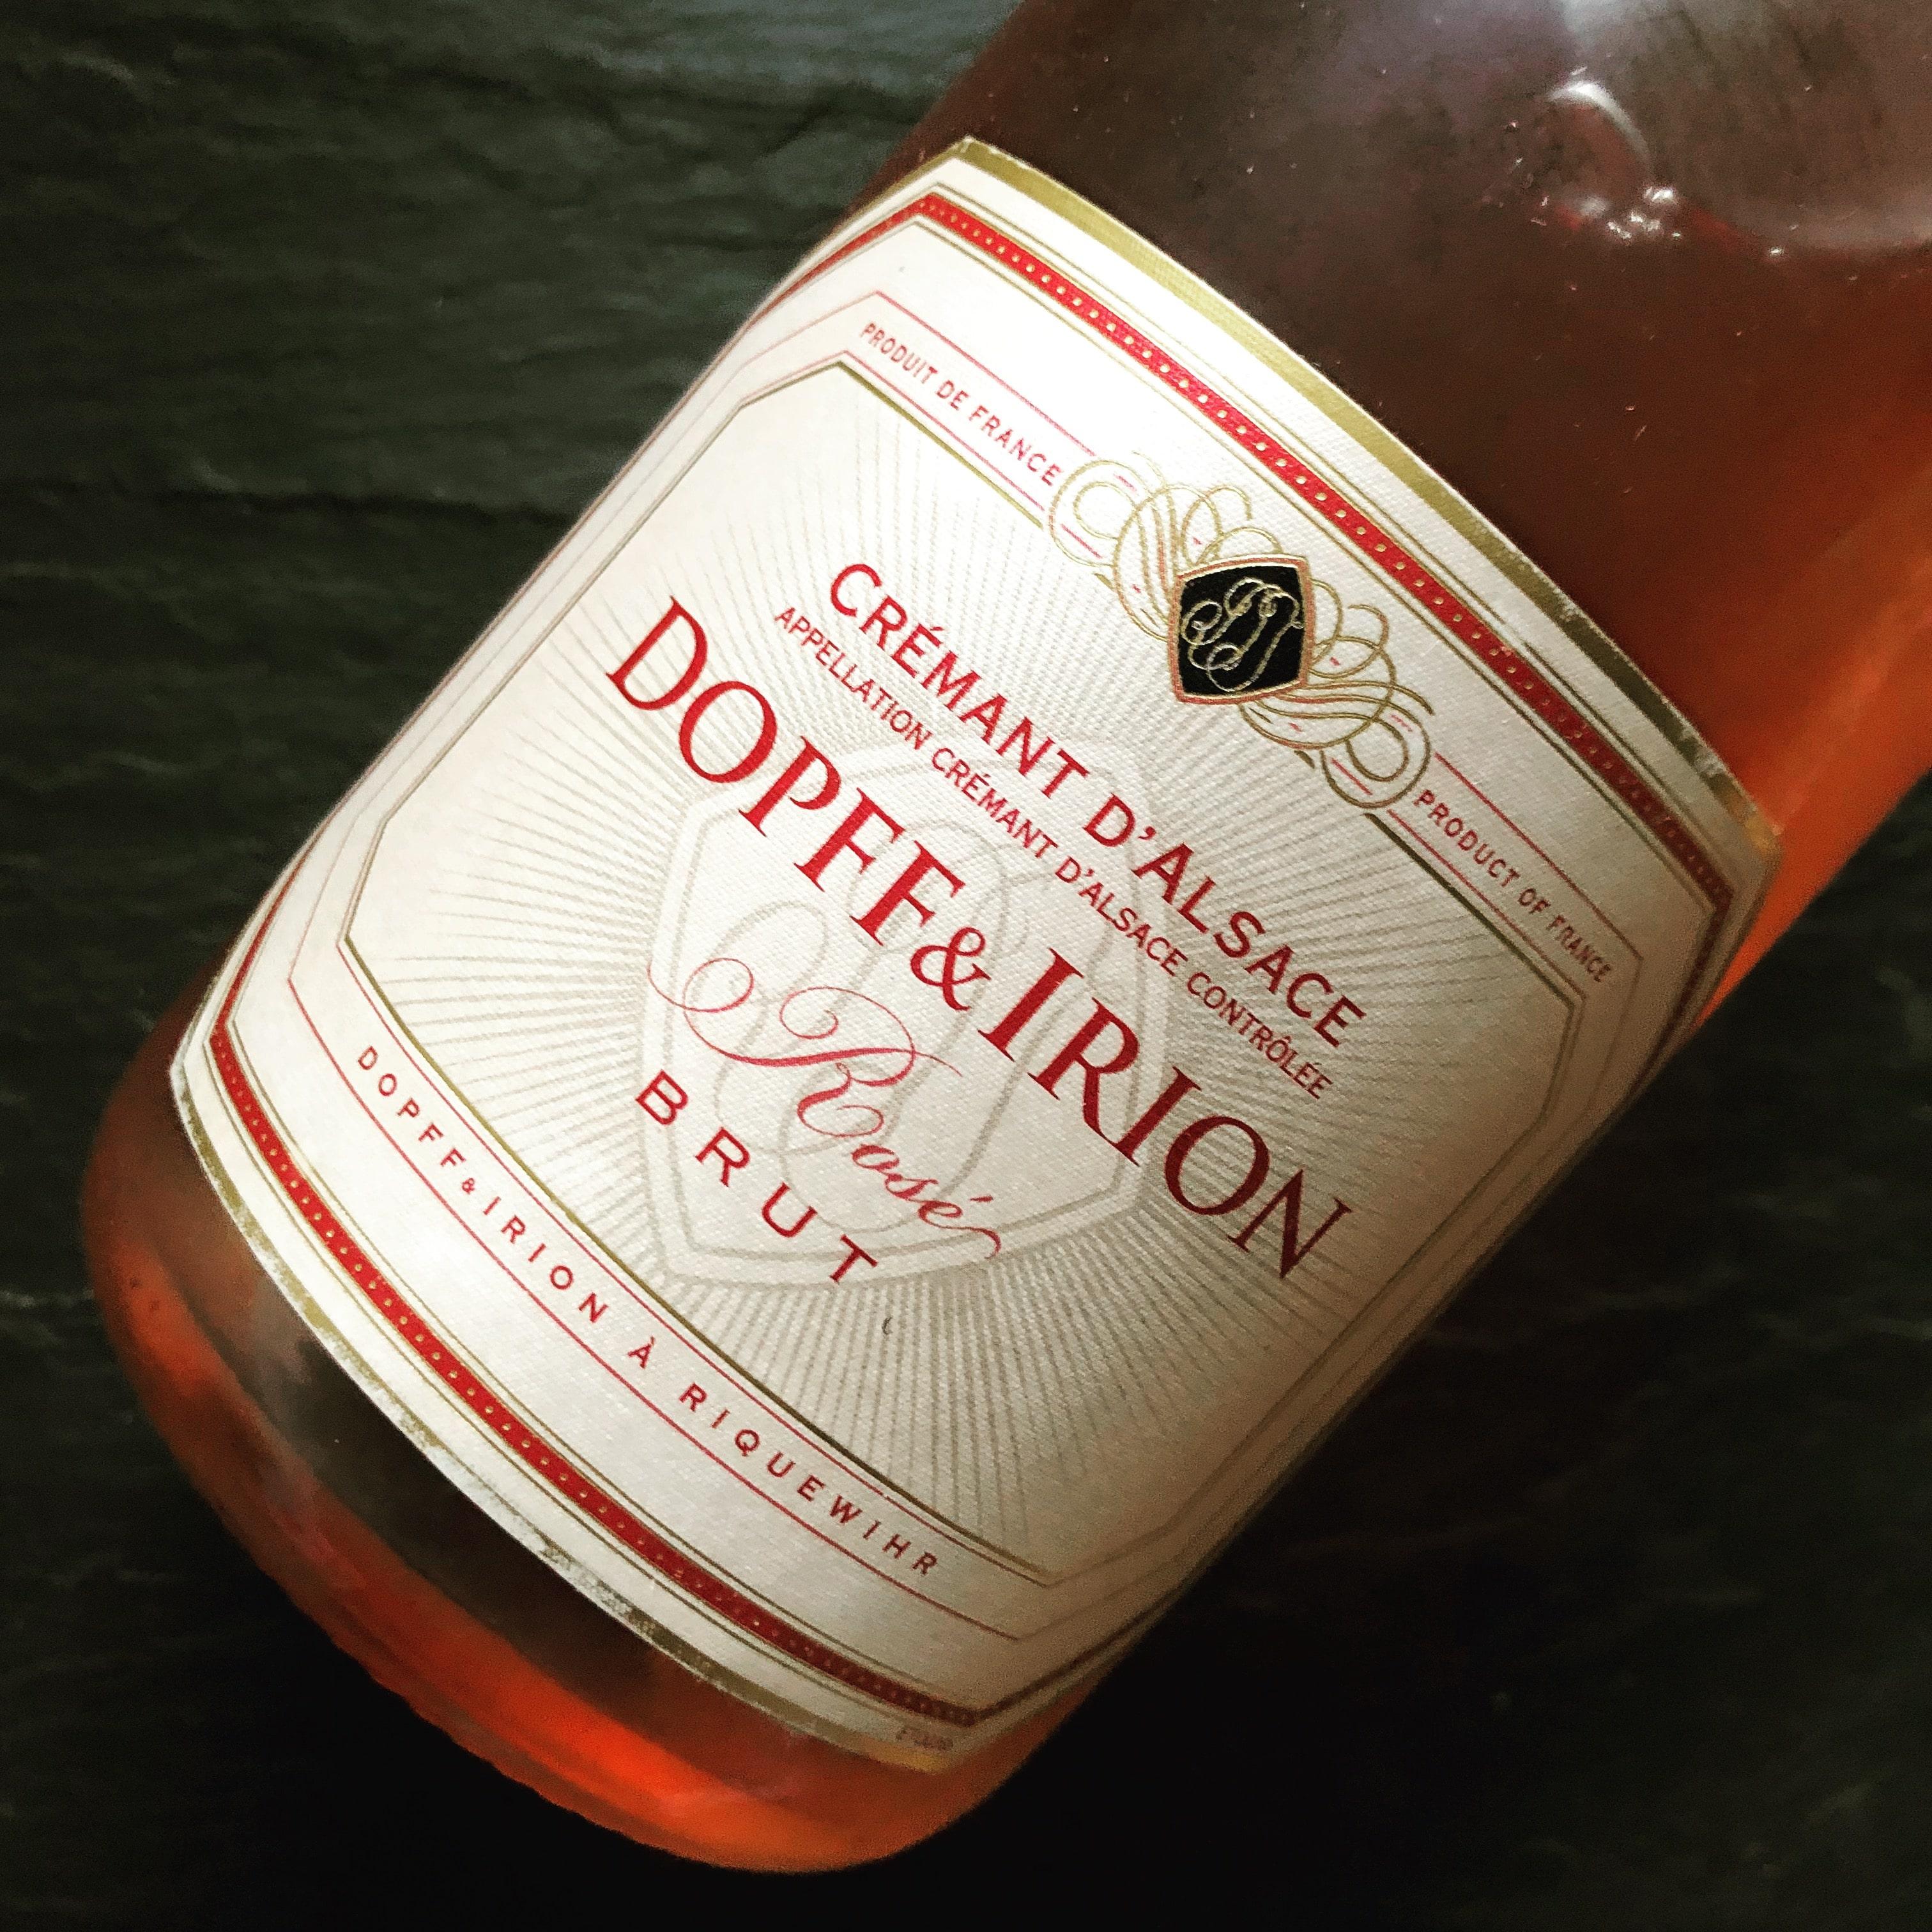 Dopff & Irion Crémant d'Alsace Rosé Brut NV